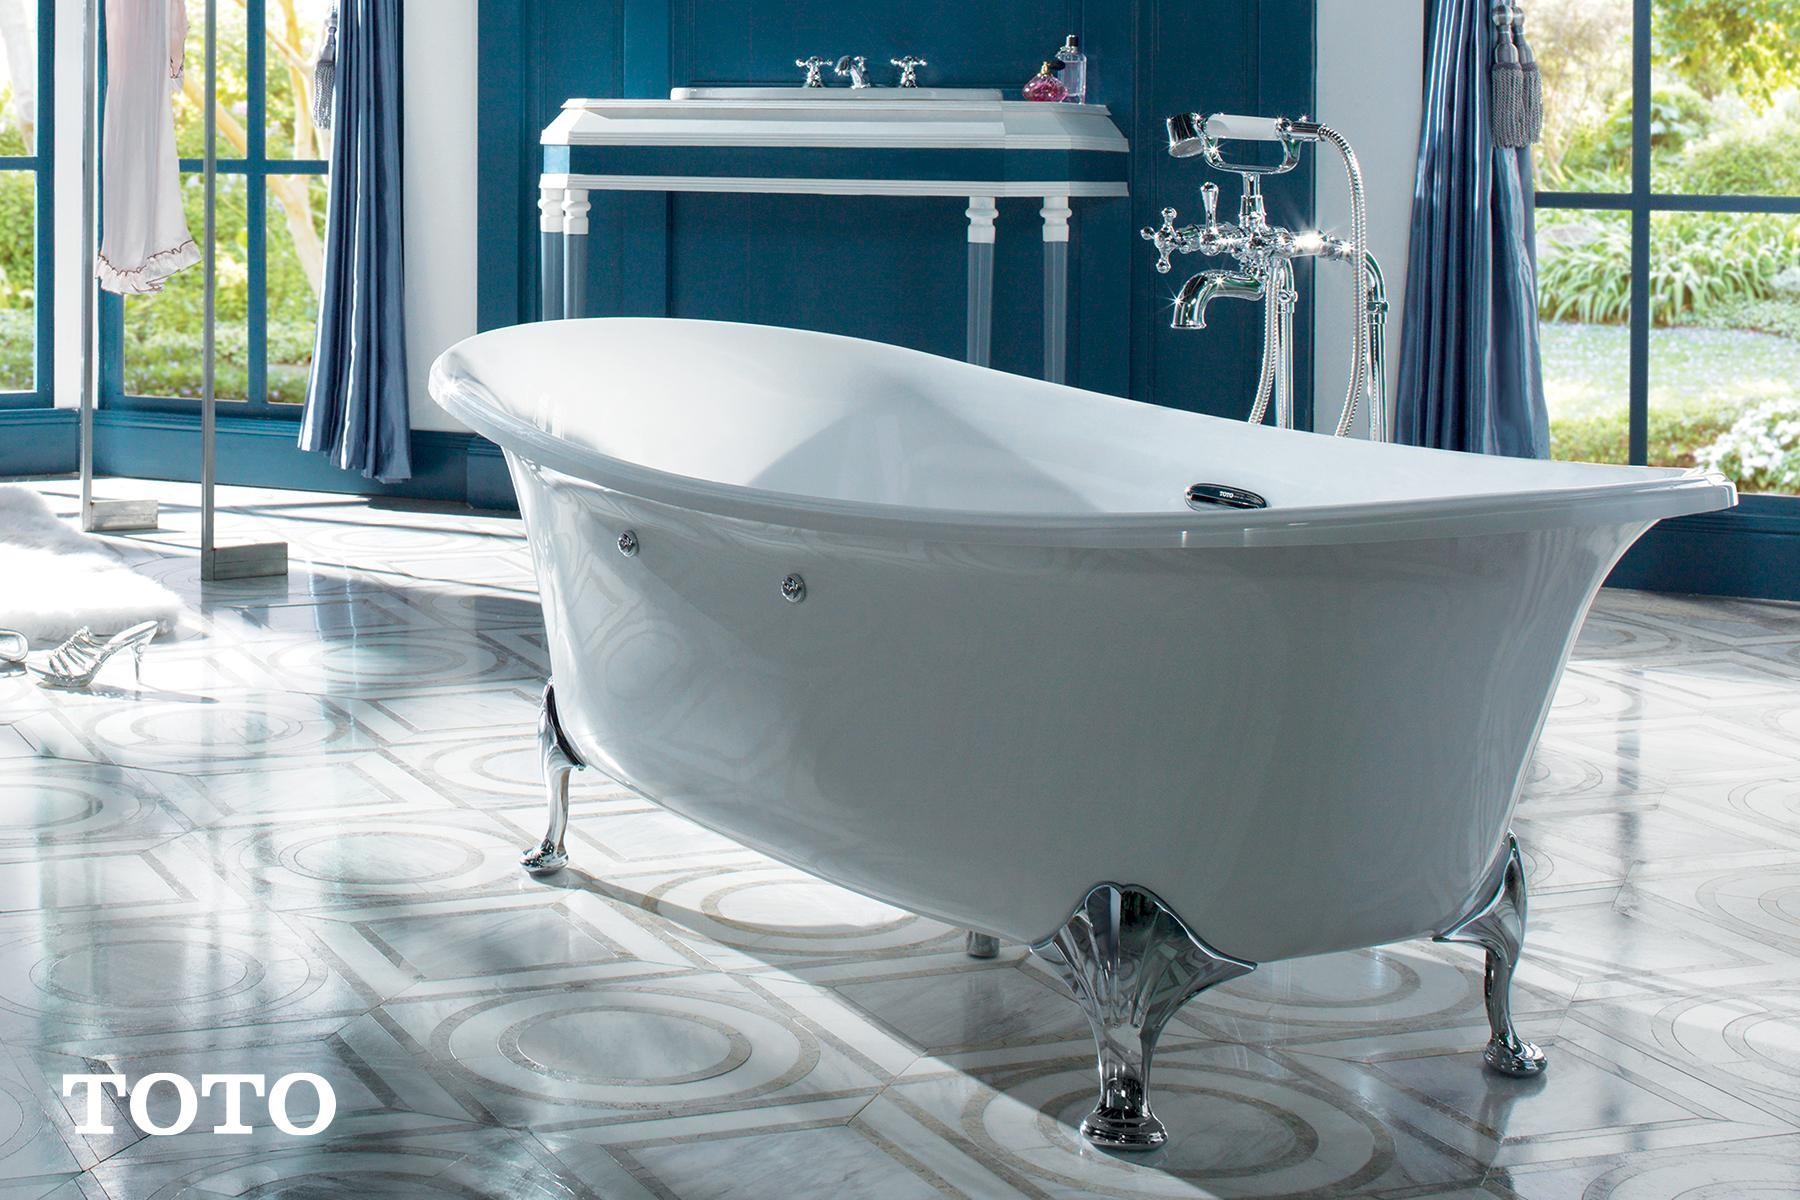 ภาพ: อ่างอาบน้ำแบบตั้งพื้น